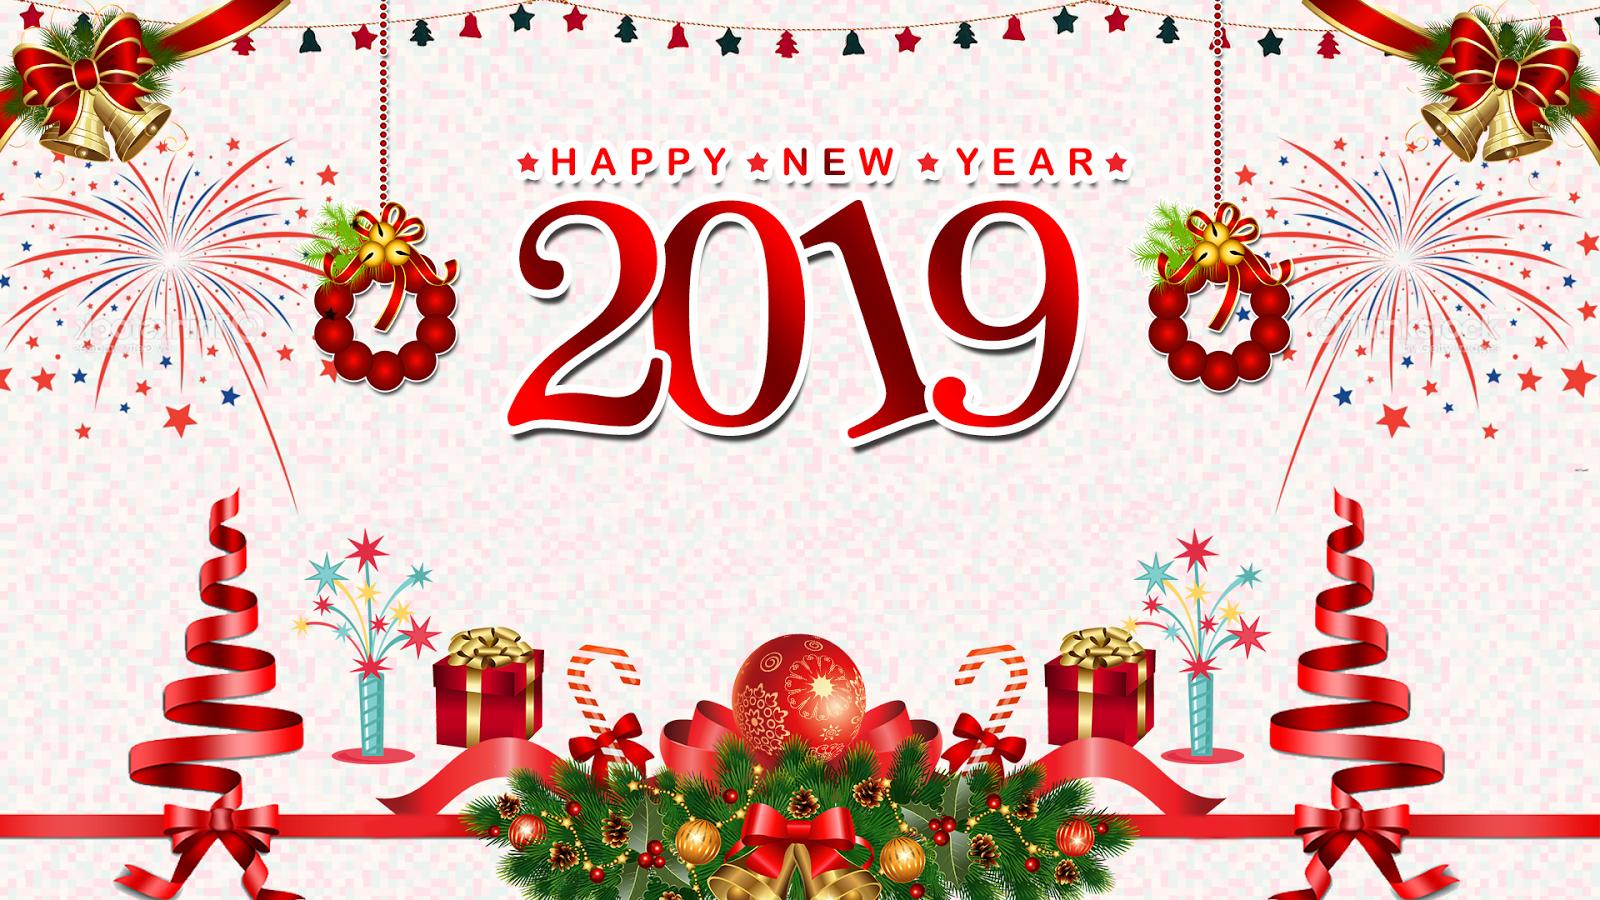 Поздравление с новым годом свекрови и свекру фото 551